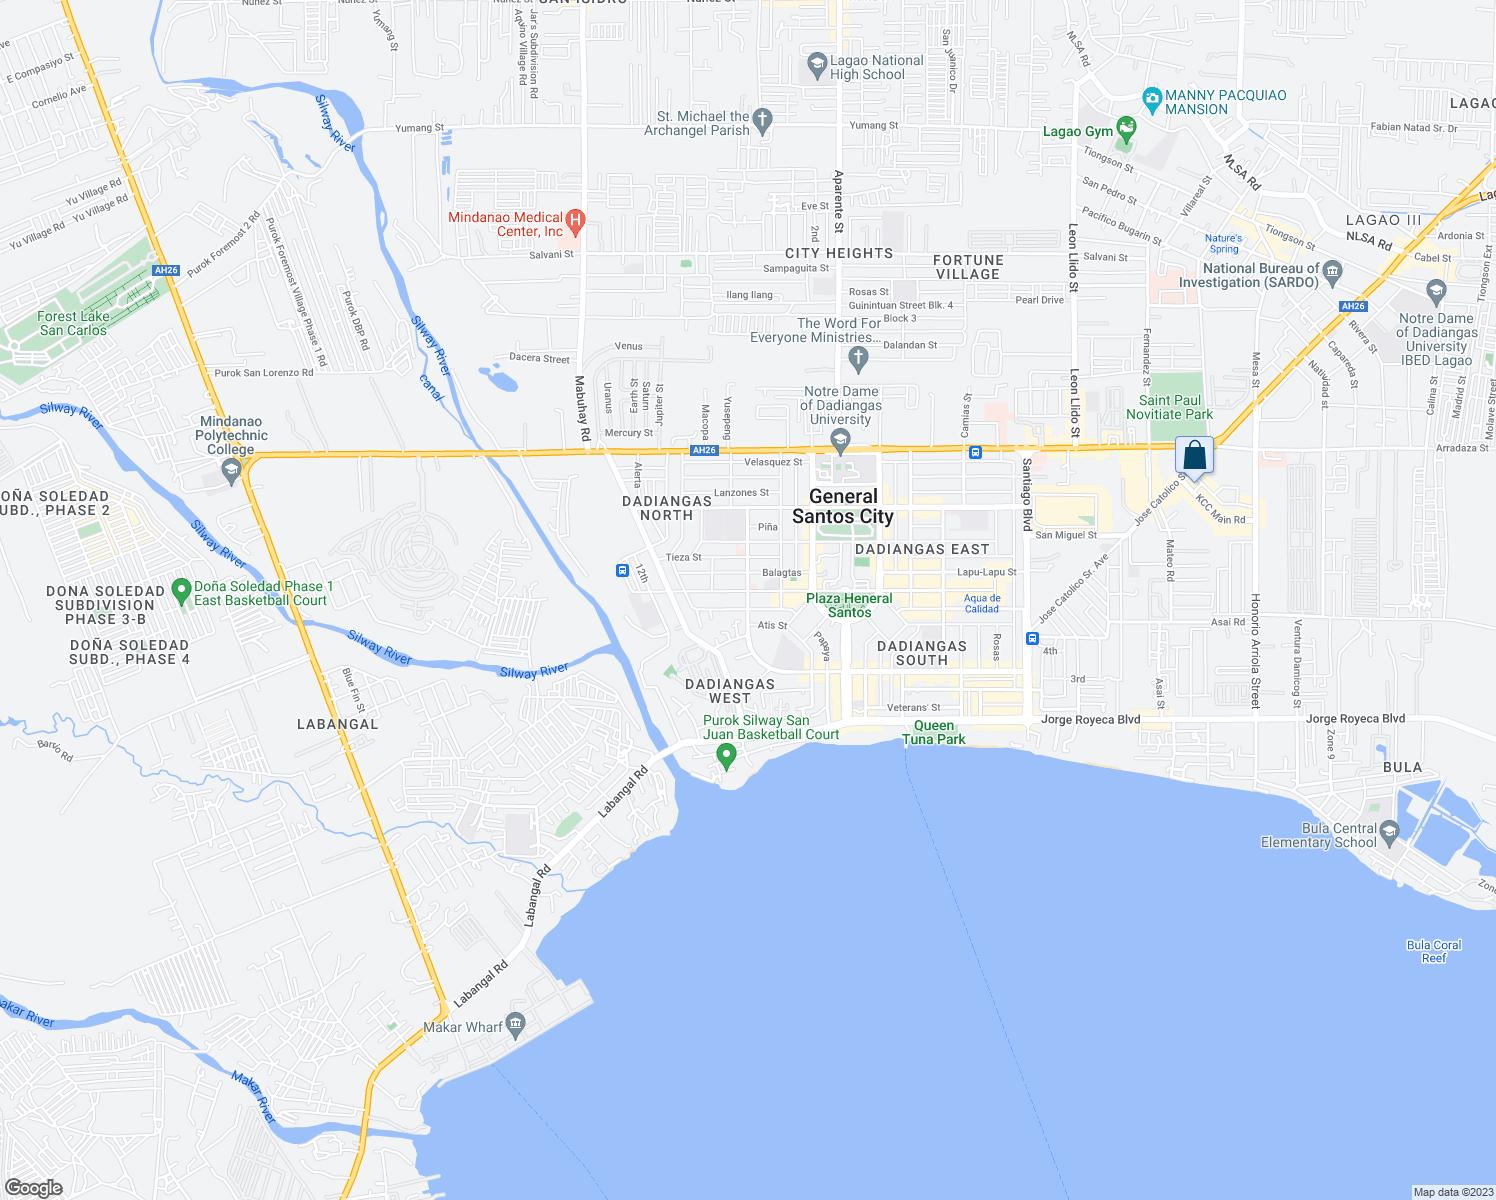 PresRamon Magsaysay Avenue General Santos City SOCCSKSARGEN Walk